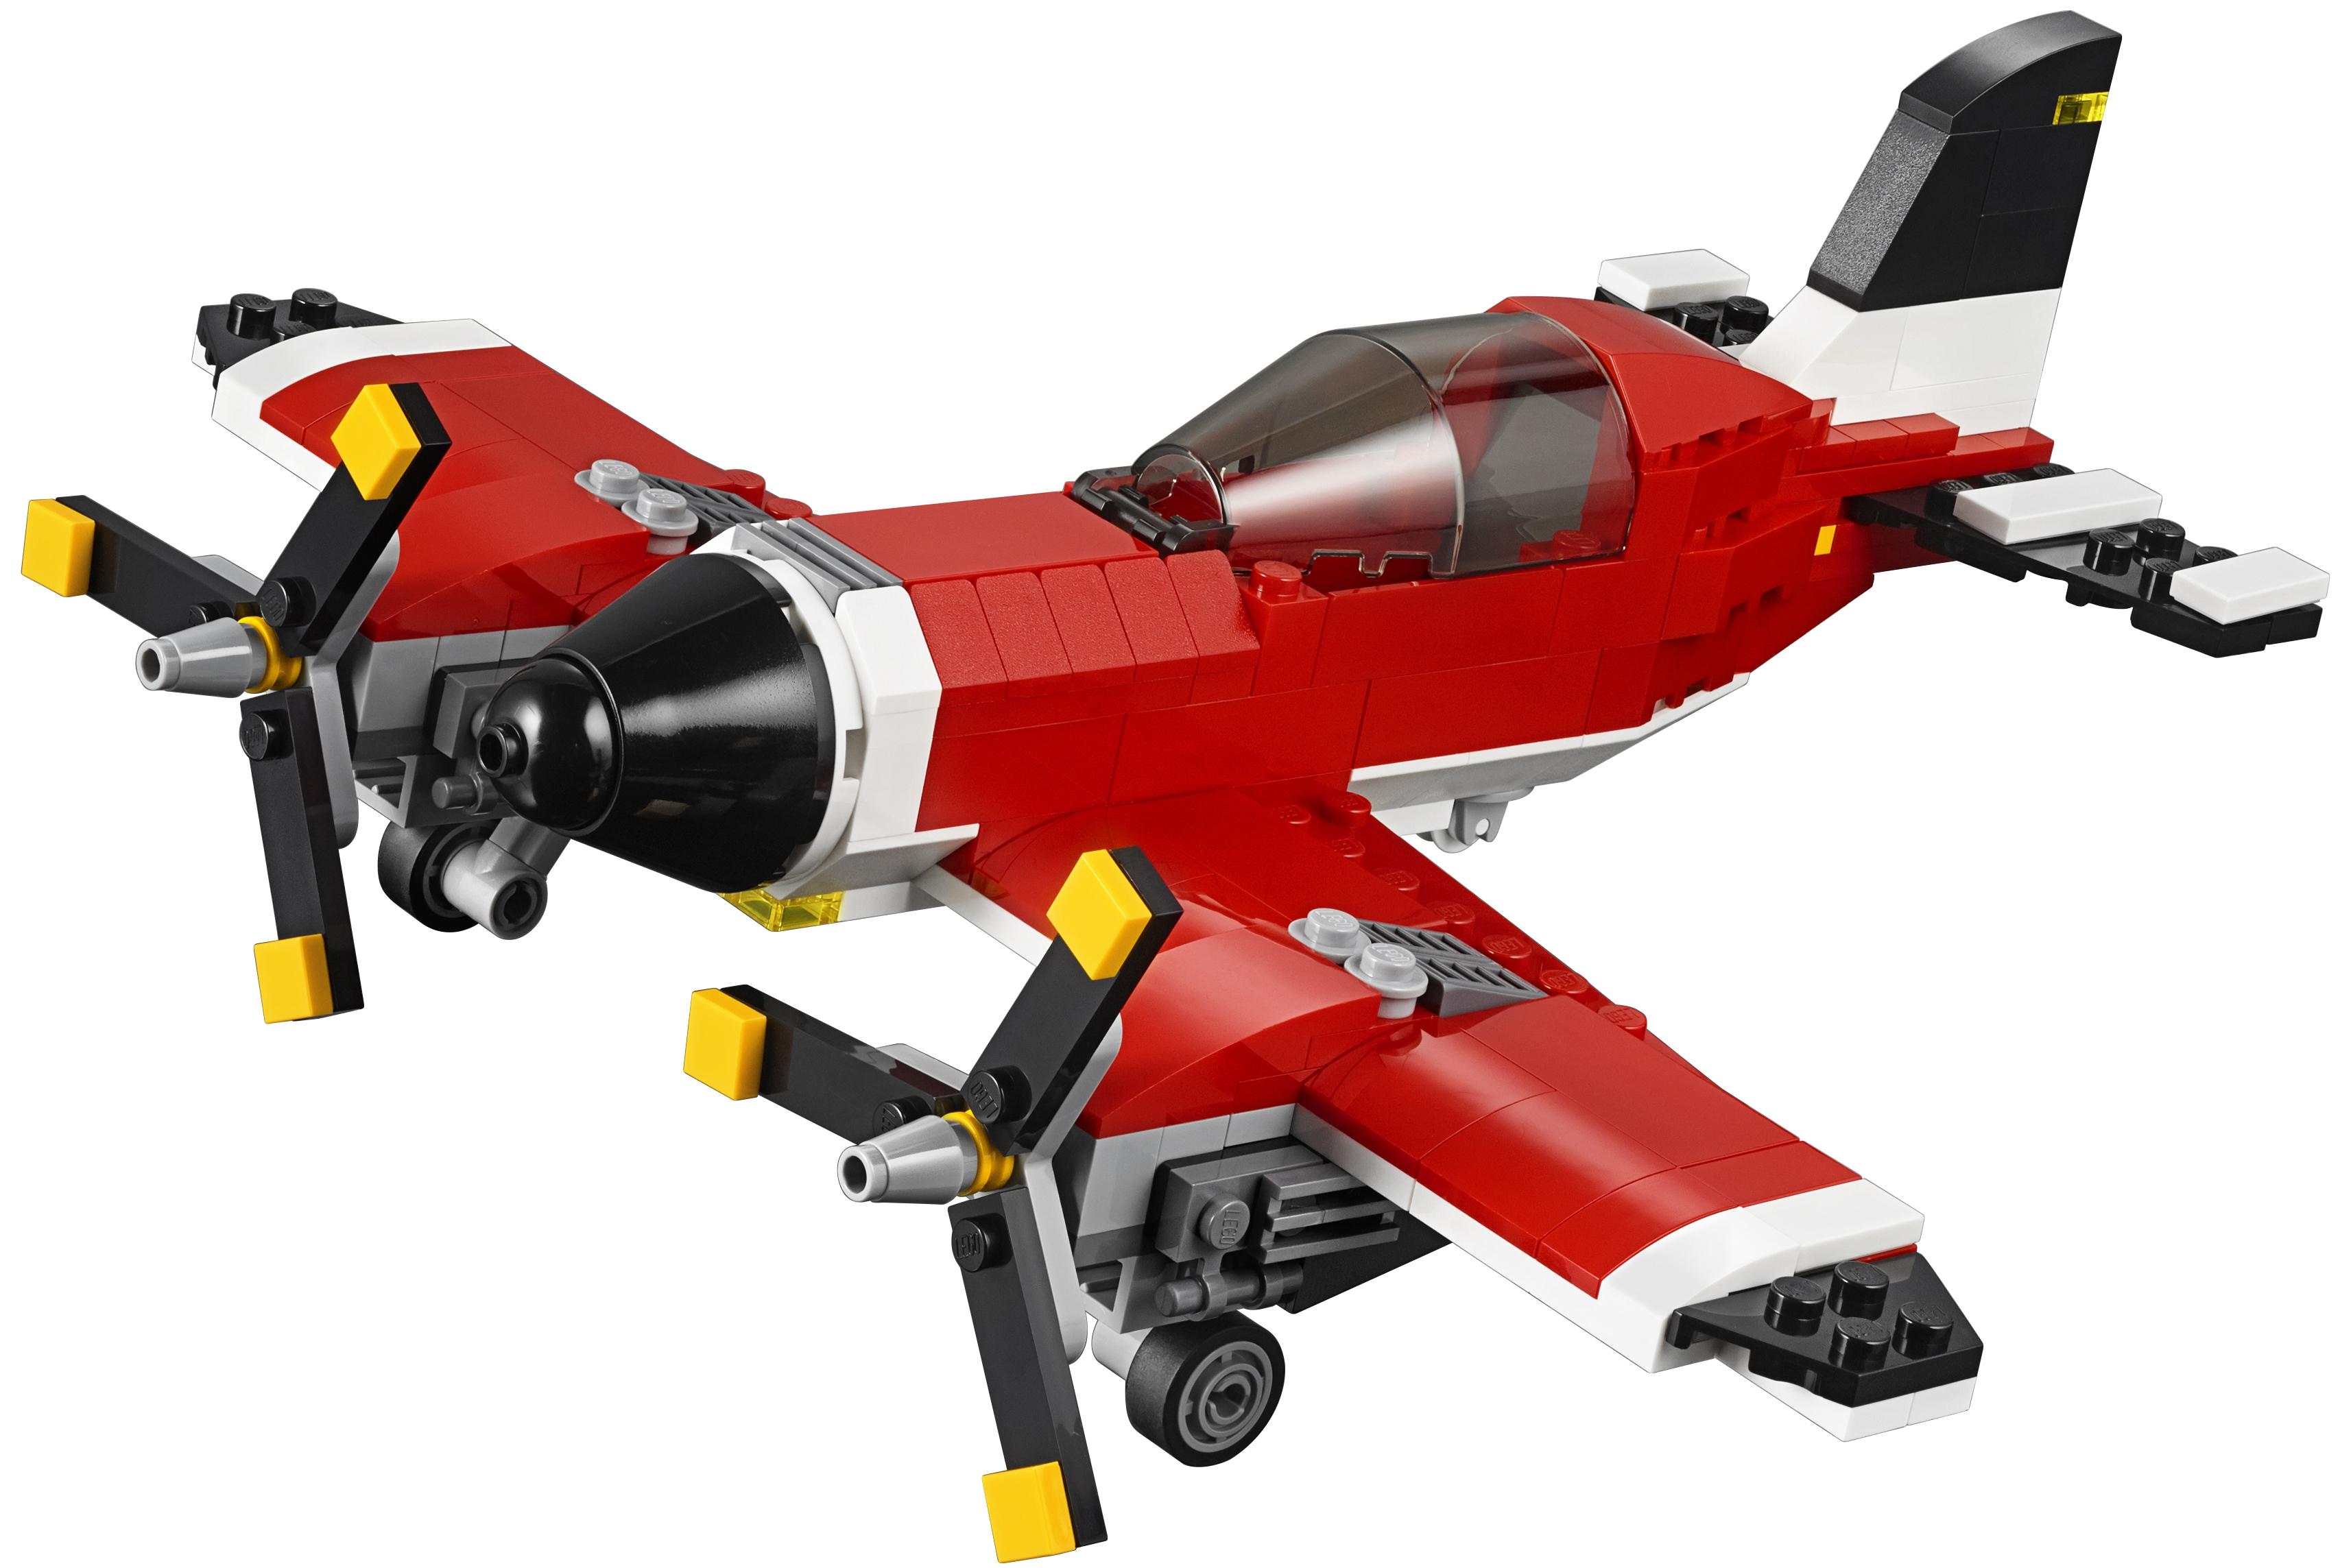 LEGO LEGO Creator 31047 Путешествие по воздуху конструктор lego creator путешествие по воздуху 31047